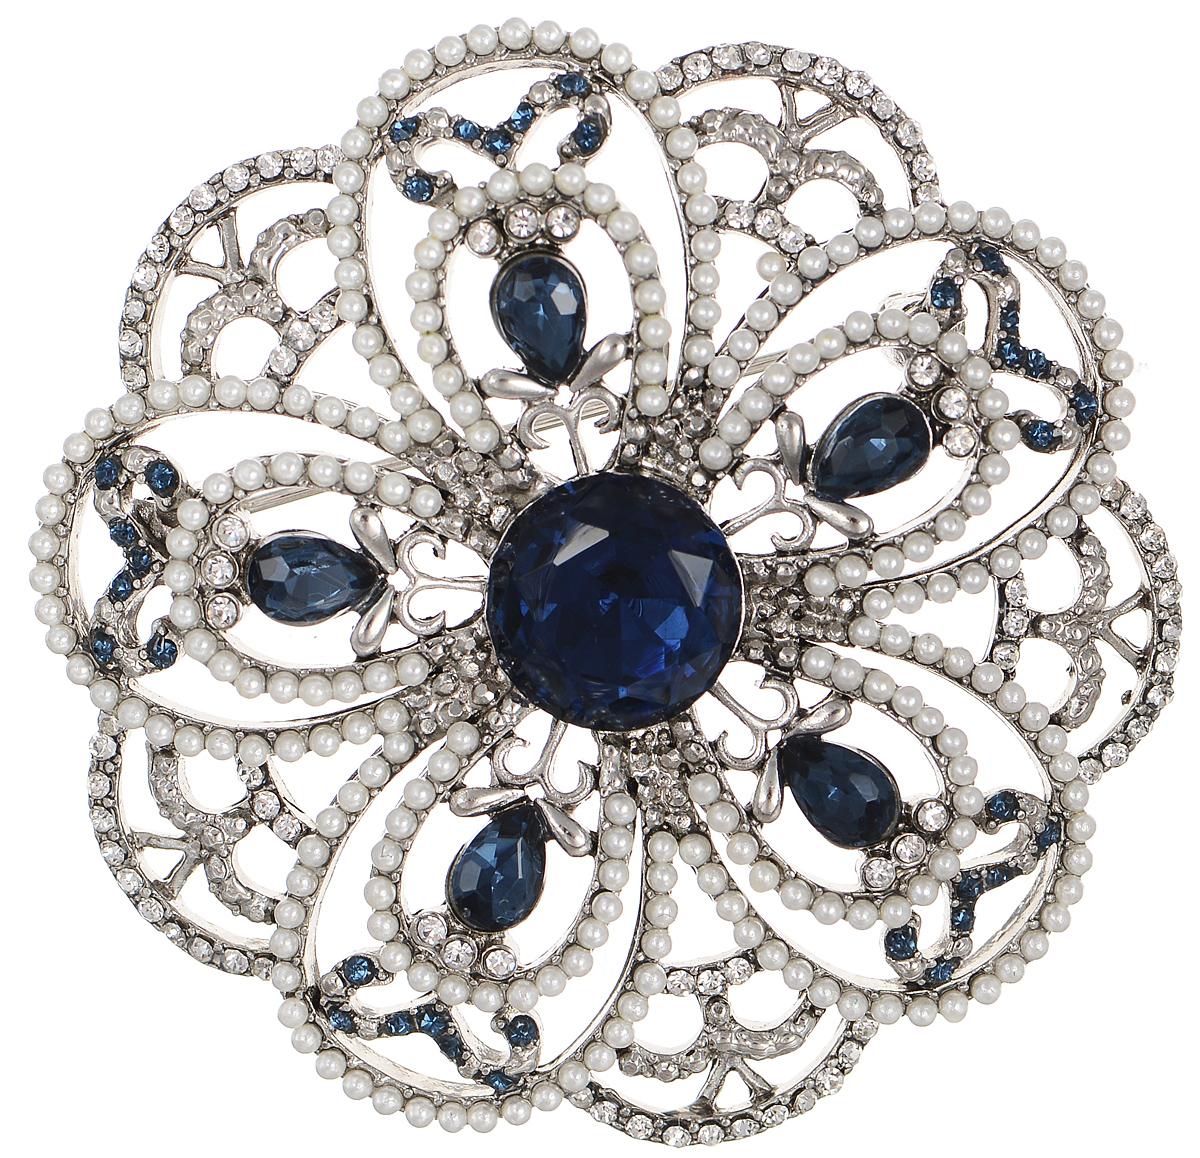 Брошь Selena Street Fashion, цвет: белый, серебристый, синий. 3002699030026990Роскошная брошь Selena Street Fashion изготовлена из латуни с родиевым покрытием. Брошь оформлена кристаллами Preciosa и мелкими бусинами. Изделие крепится с помощью замка-булавки. Такая брошь позволит вам с легкостью воплотить самую смелую фантазию и создать собственный неповторимый образ.